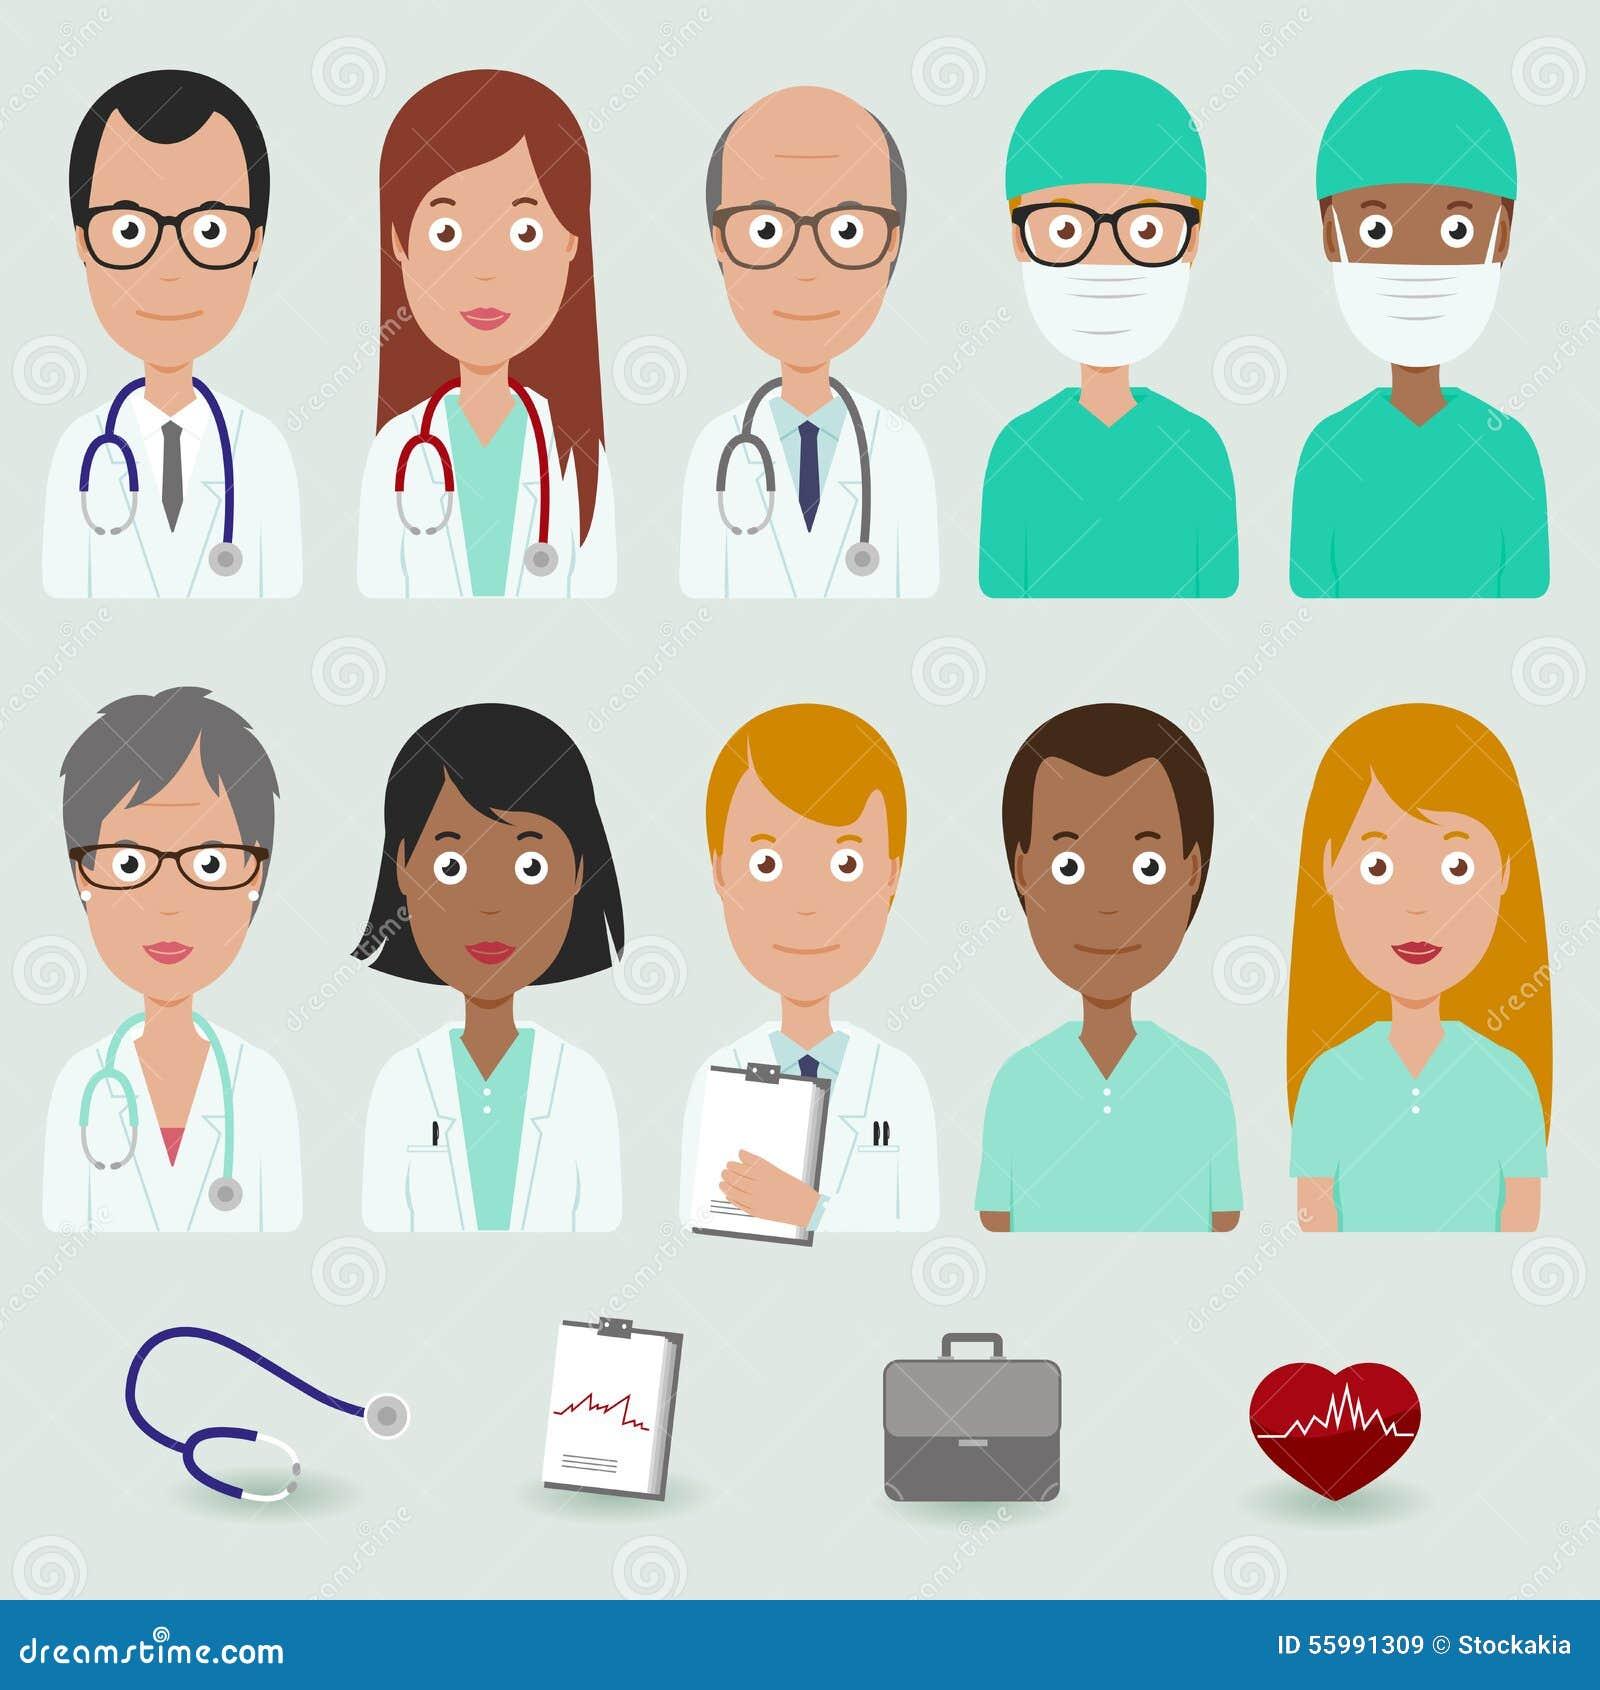 Iconos De La Gente De Personal Médico Ilustración Del